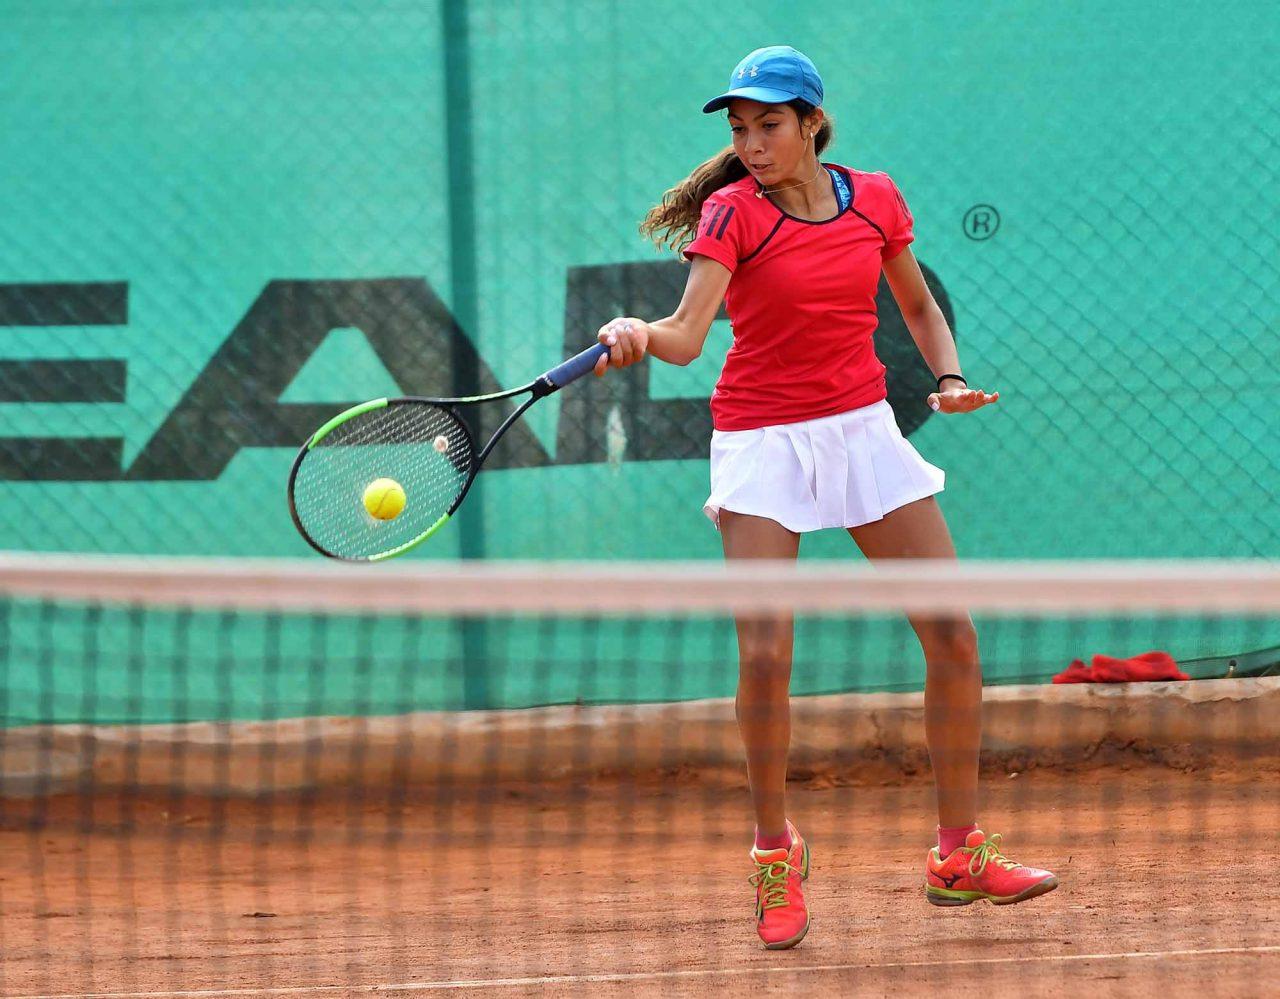 Държавно първенство тенис до 14 год. ТК 15-40 момичета (9)